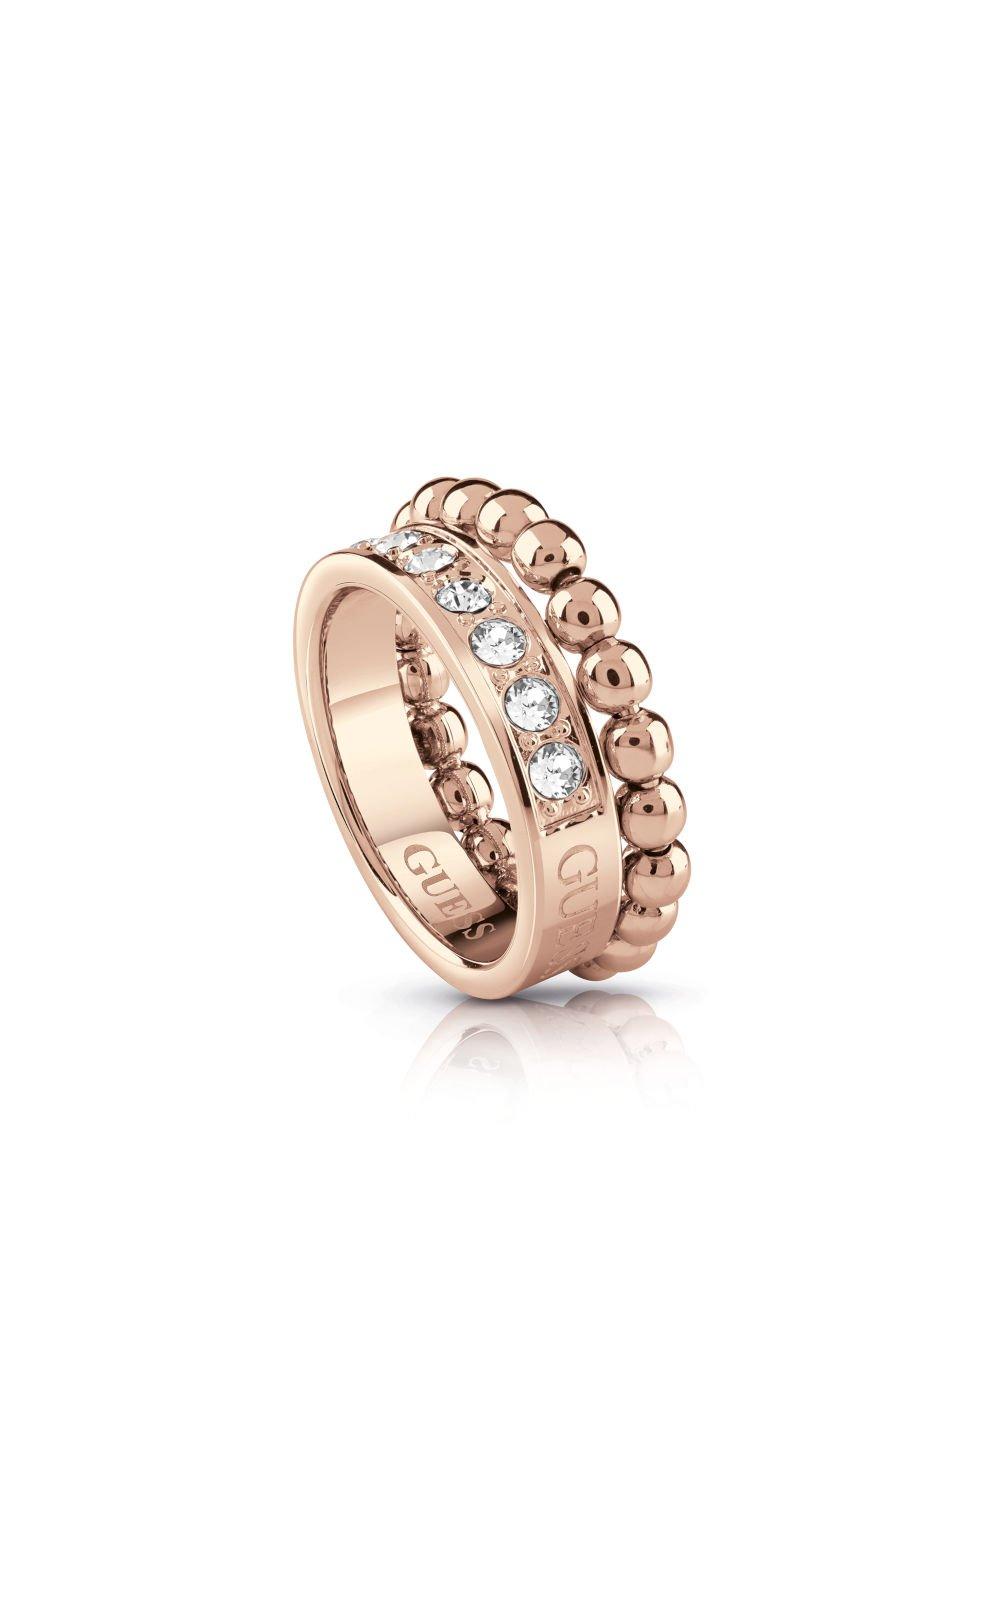 GUESS STEEL UBR28014-54 Ροζ Χρυσό Δαχτυλίδι Με Χάντρες 1f28cff19b6